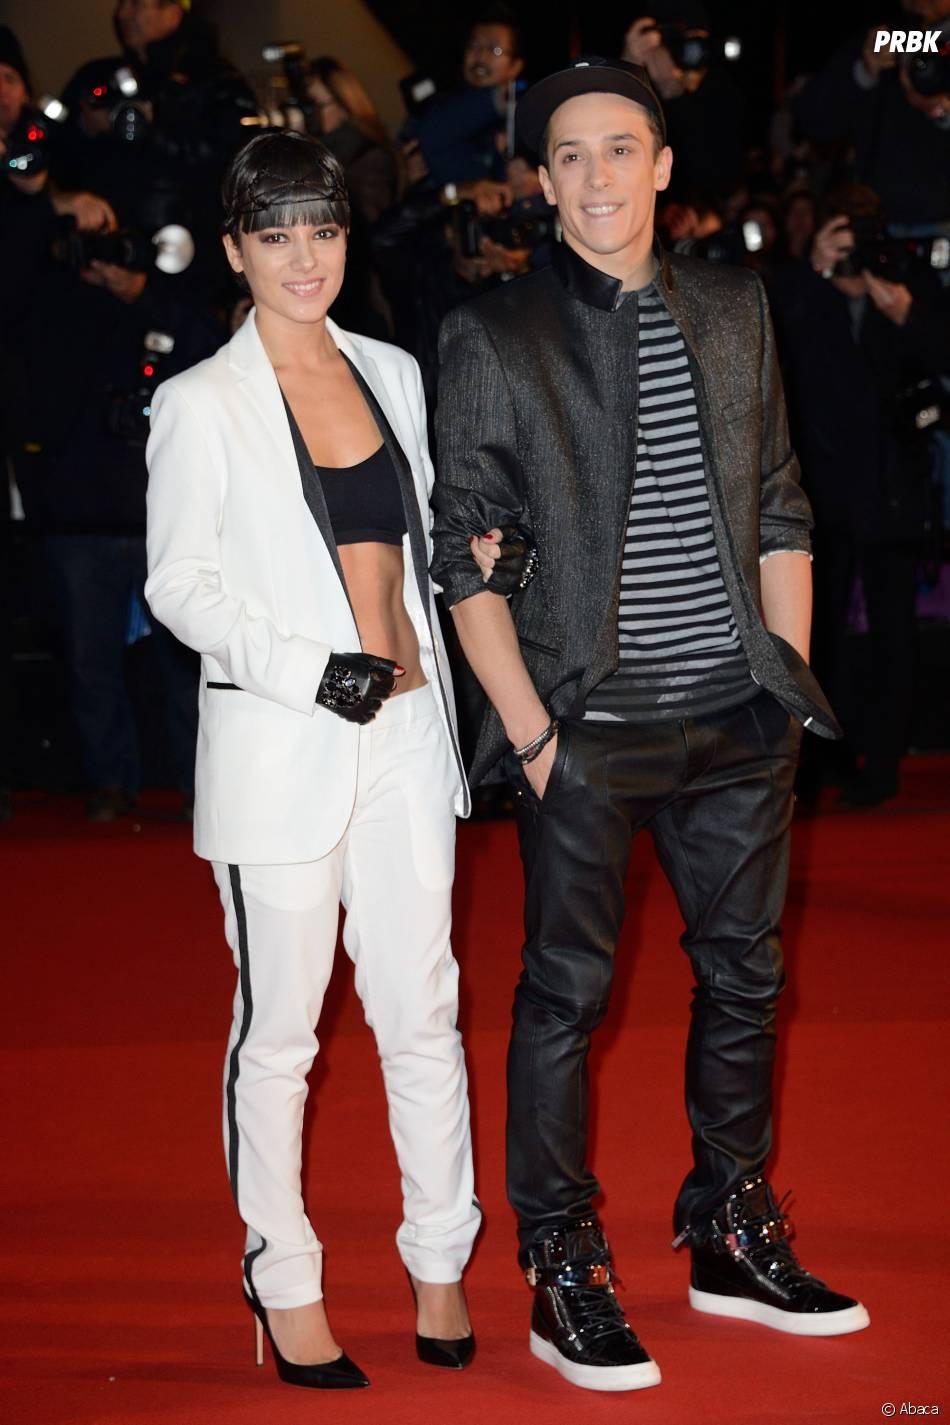 Alizée et Grégoire Lyonnet en couple aux NRJ Music Awards 2014, le 14 décembre 2013 à Cannes